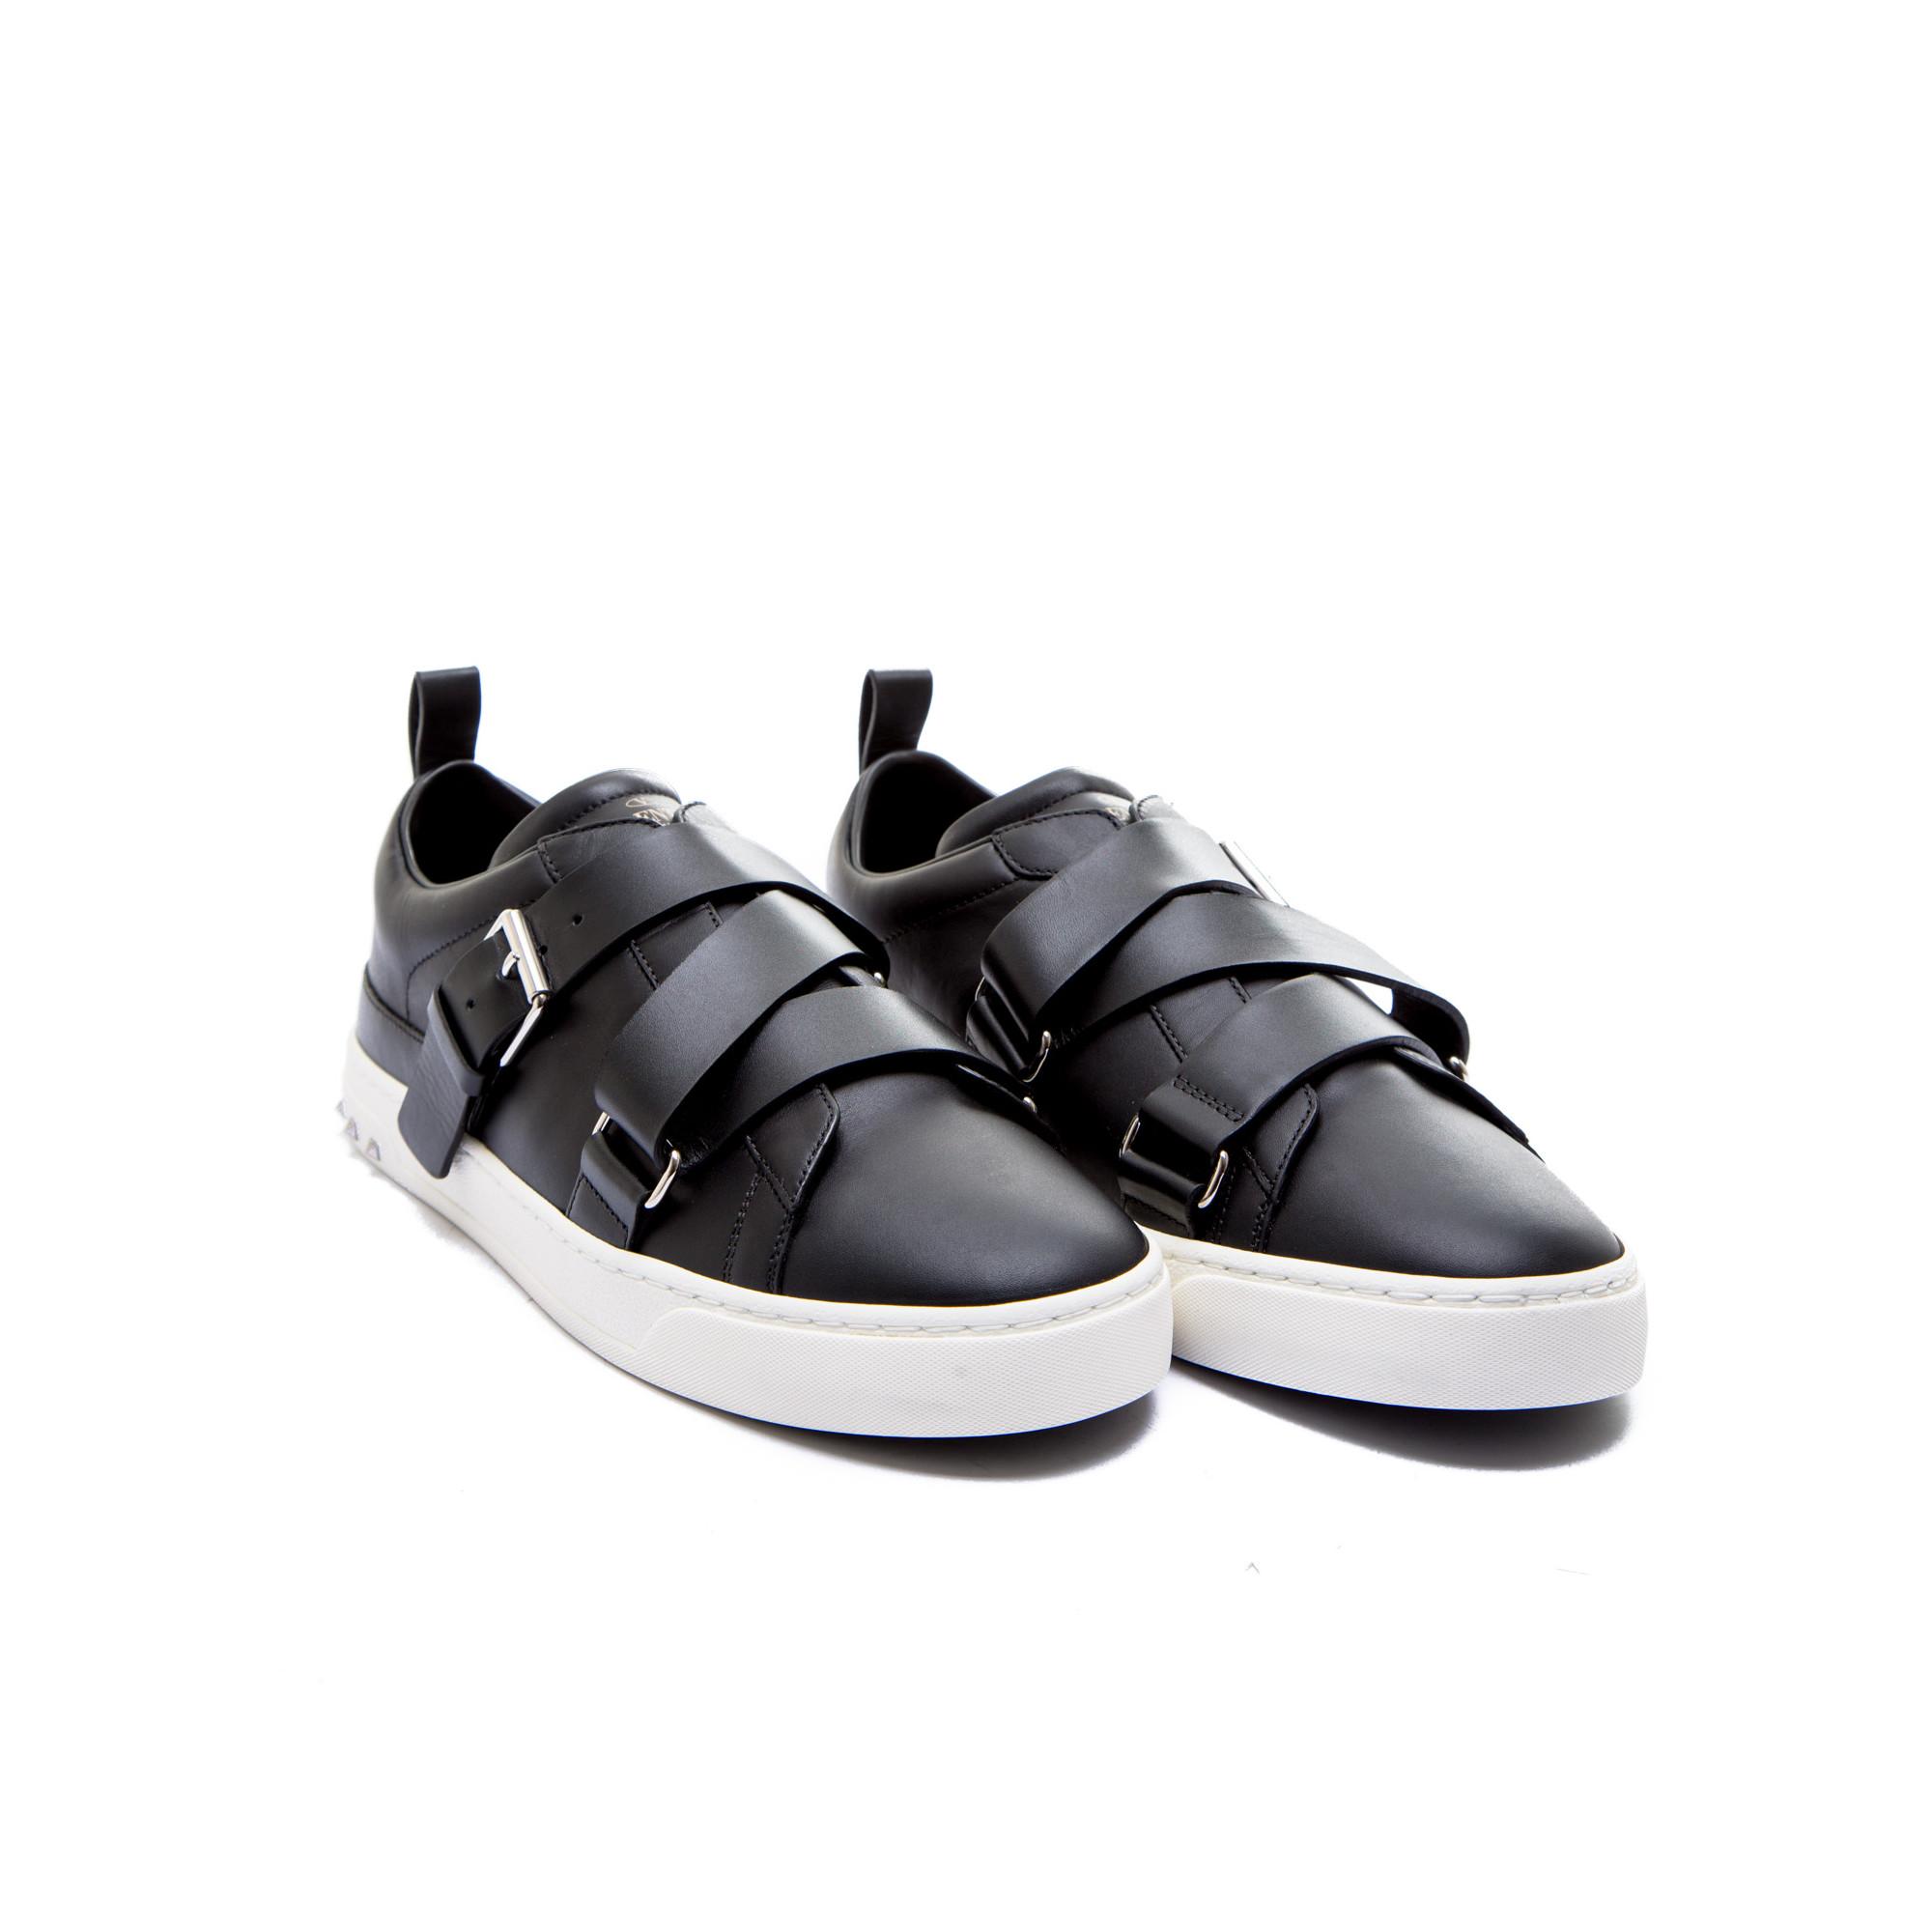 Valentino Chaussures Noires Avec Des Boucles Pour Les Hommes jnvjOB